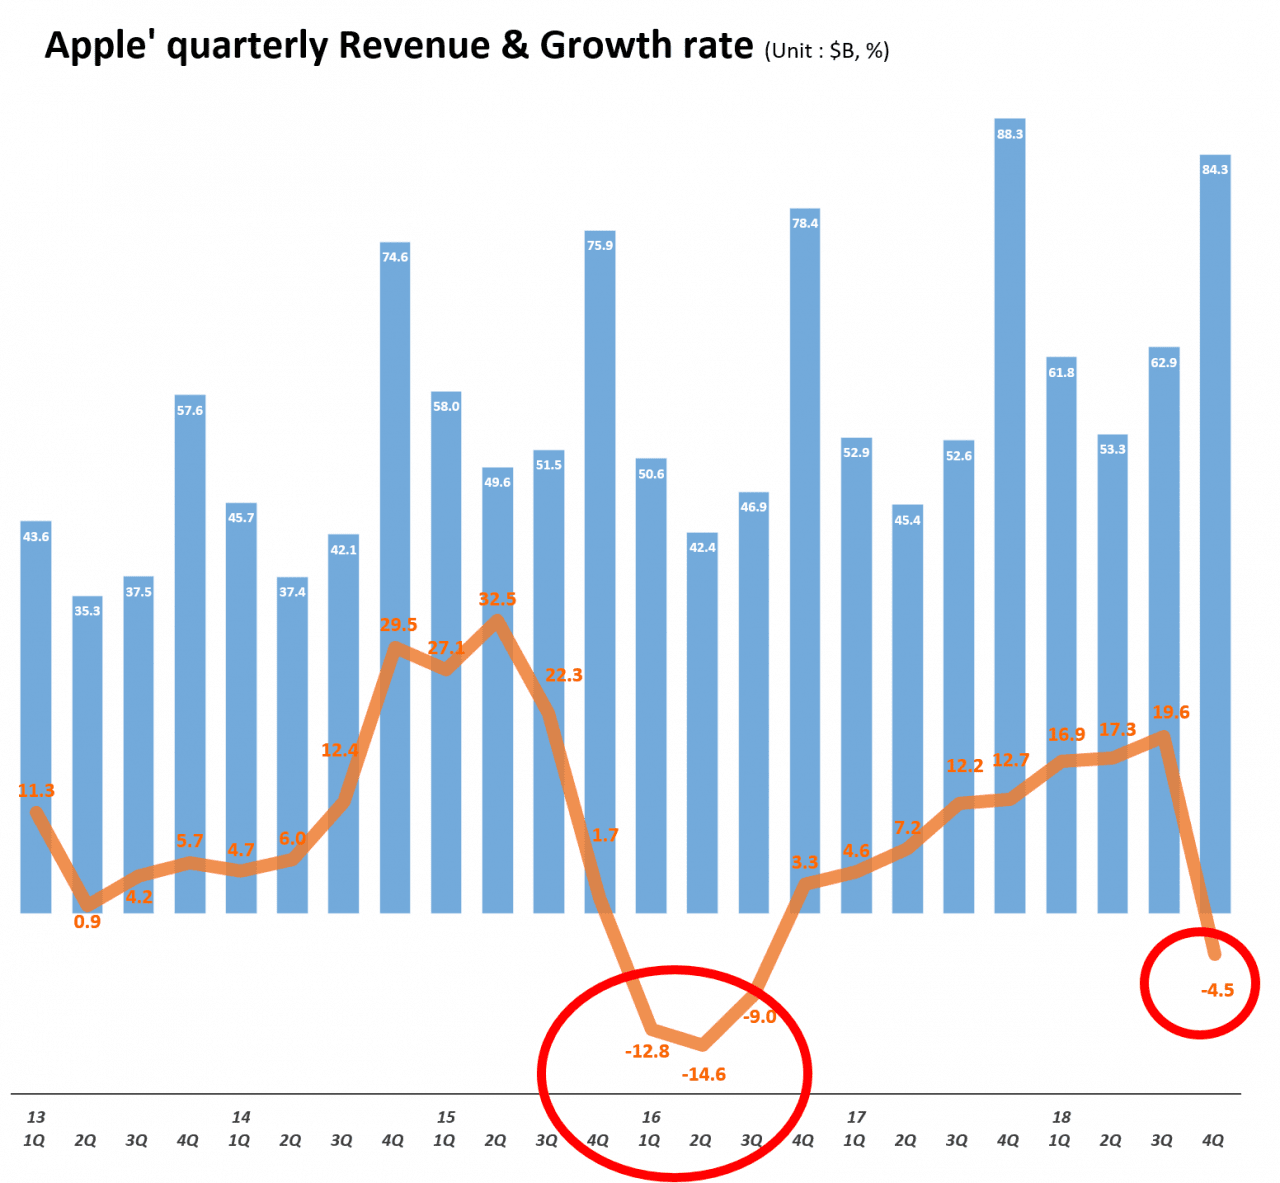 분기별 애플 매출 및 전년 비 성장율 추이(2013년 1분기~2018년 4분기) Quarterly Apple' quarterly Revenue & Growth rate, Graph by Happist